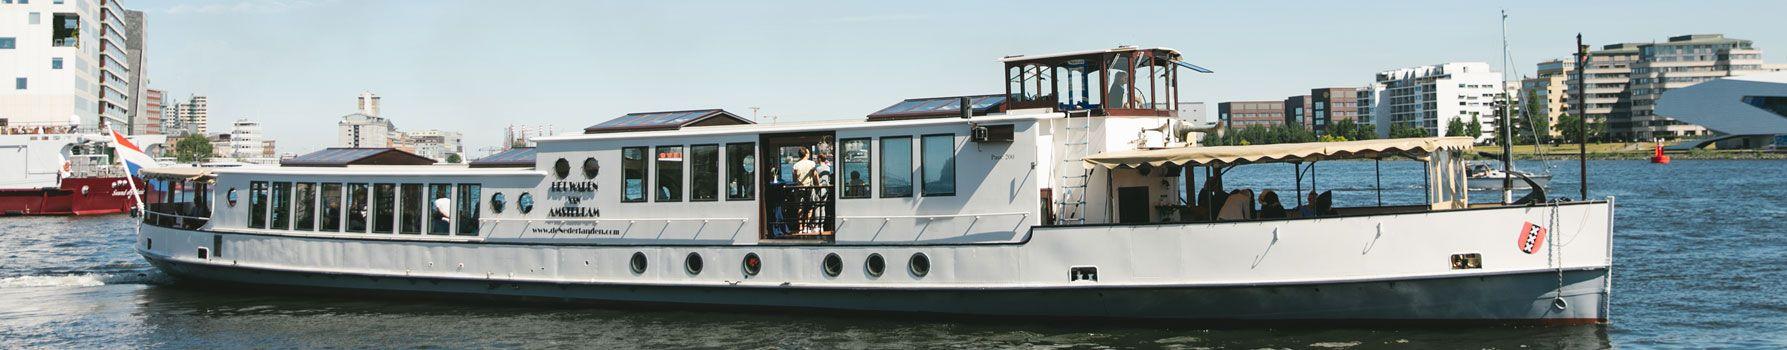 Partyboot huren Amsterdam - Wapen van Amsterdam